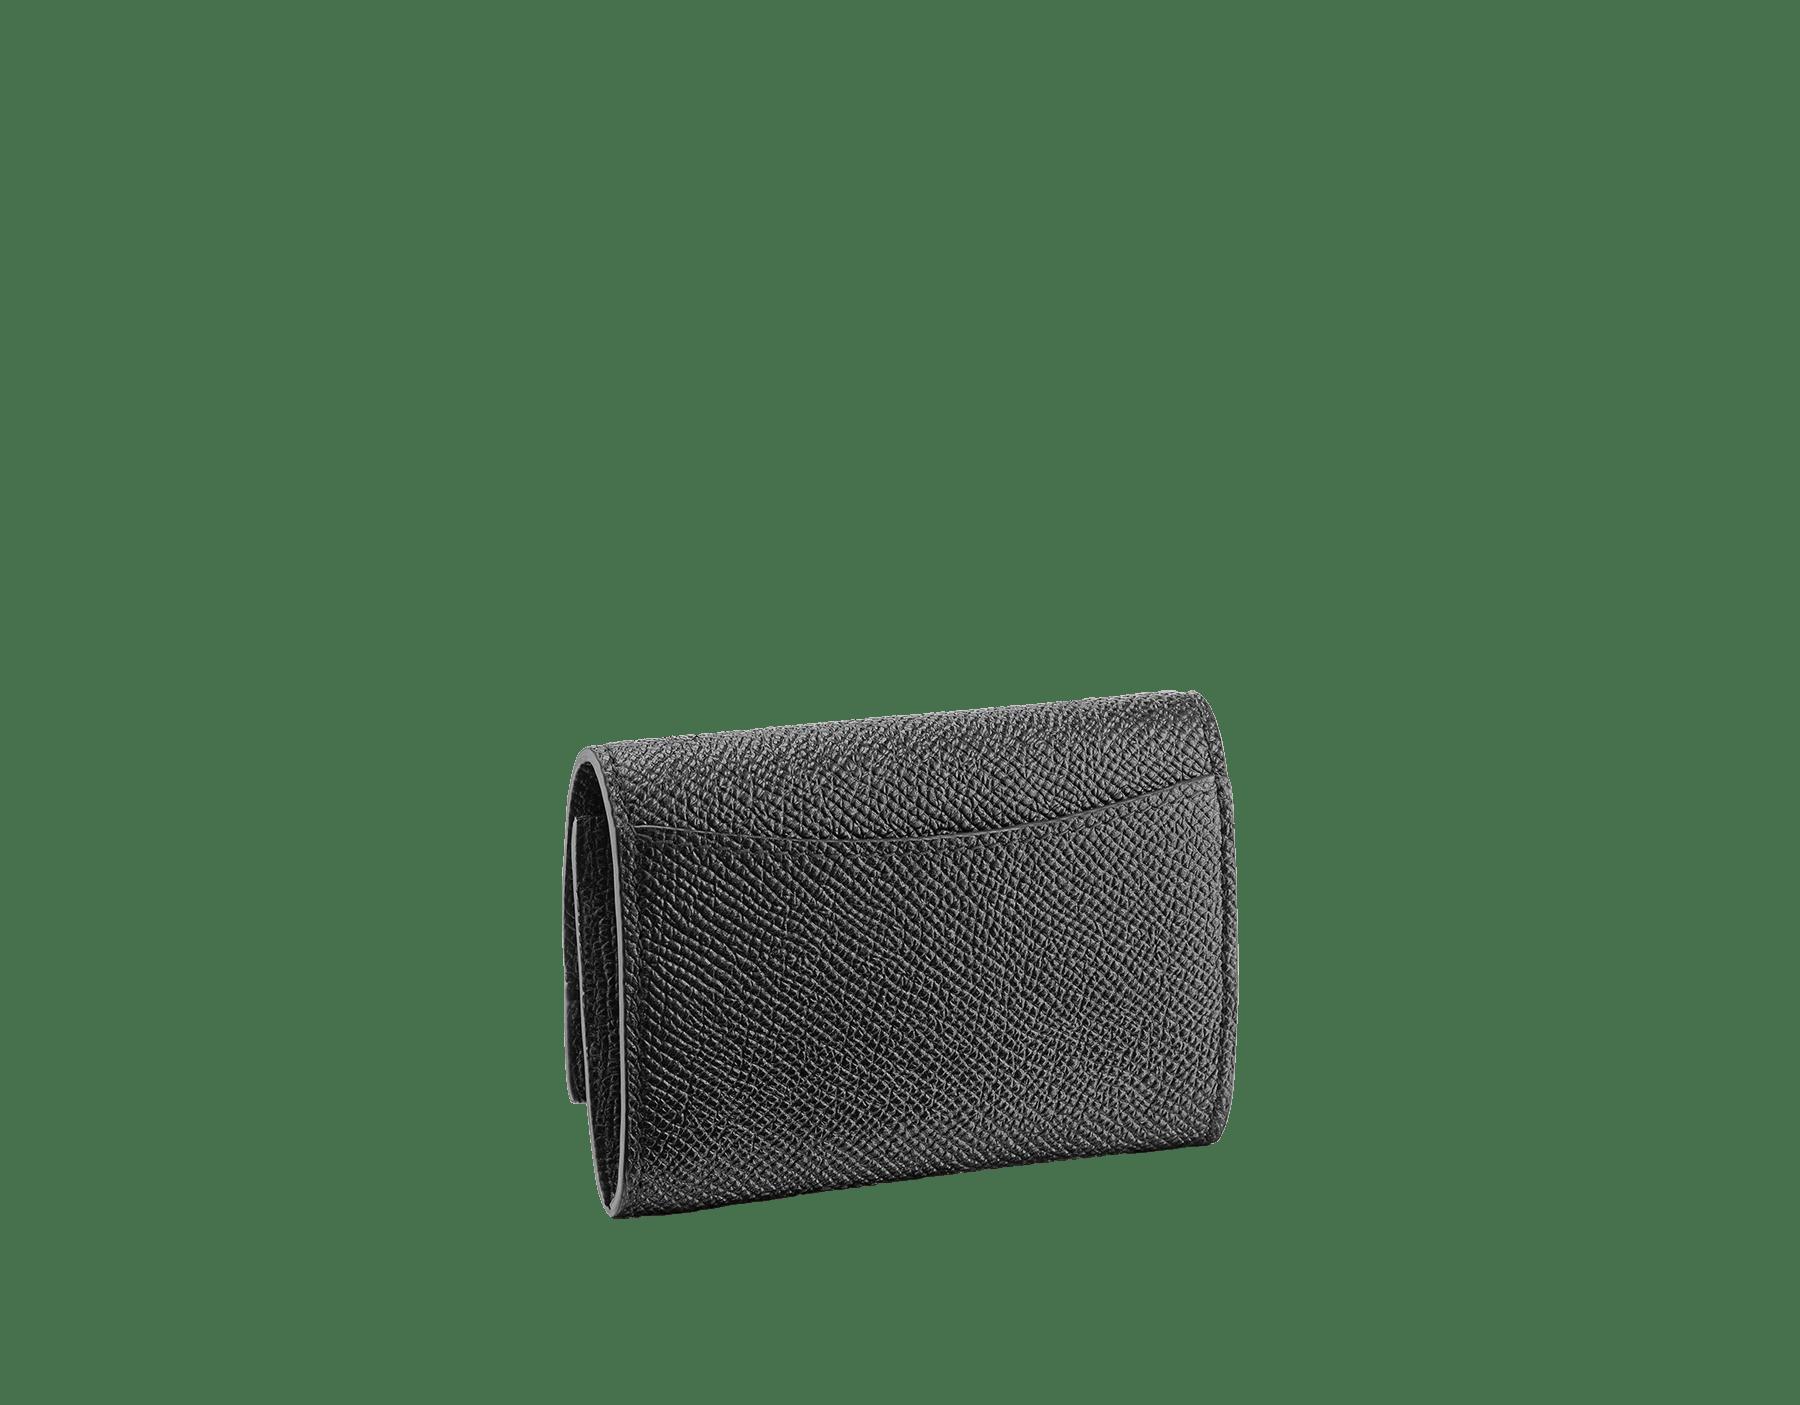 エメラルドグリーンとブラックのグレインカーフレザー製「ブルガリ・ブルガリ」コインパース。モアレブラックナッパの裏地。ブラスパラジウムプレートのアイコニックなロゴのクロージャークリップ。 BCM-WLT-S-RECTa image 3